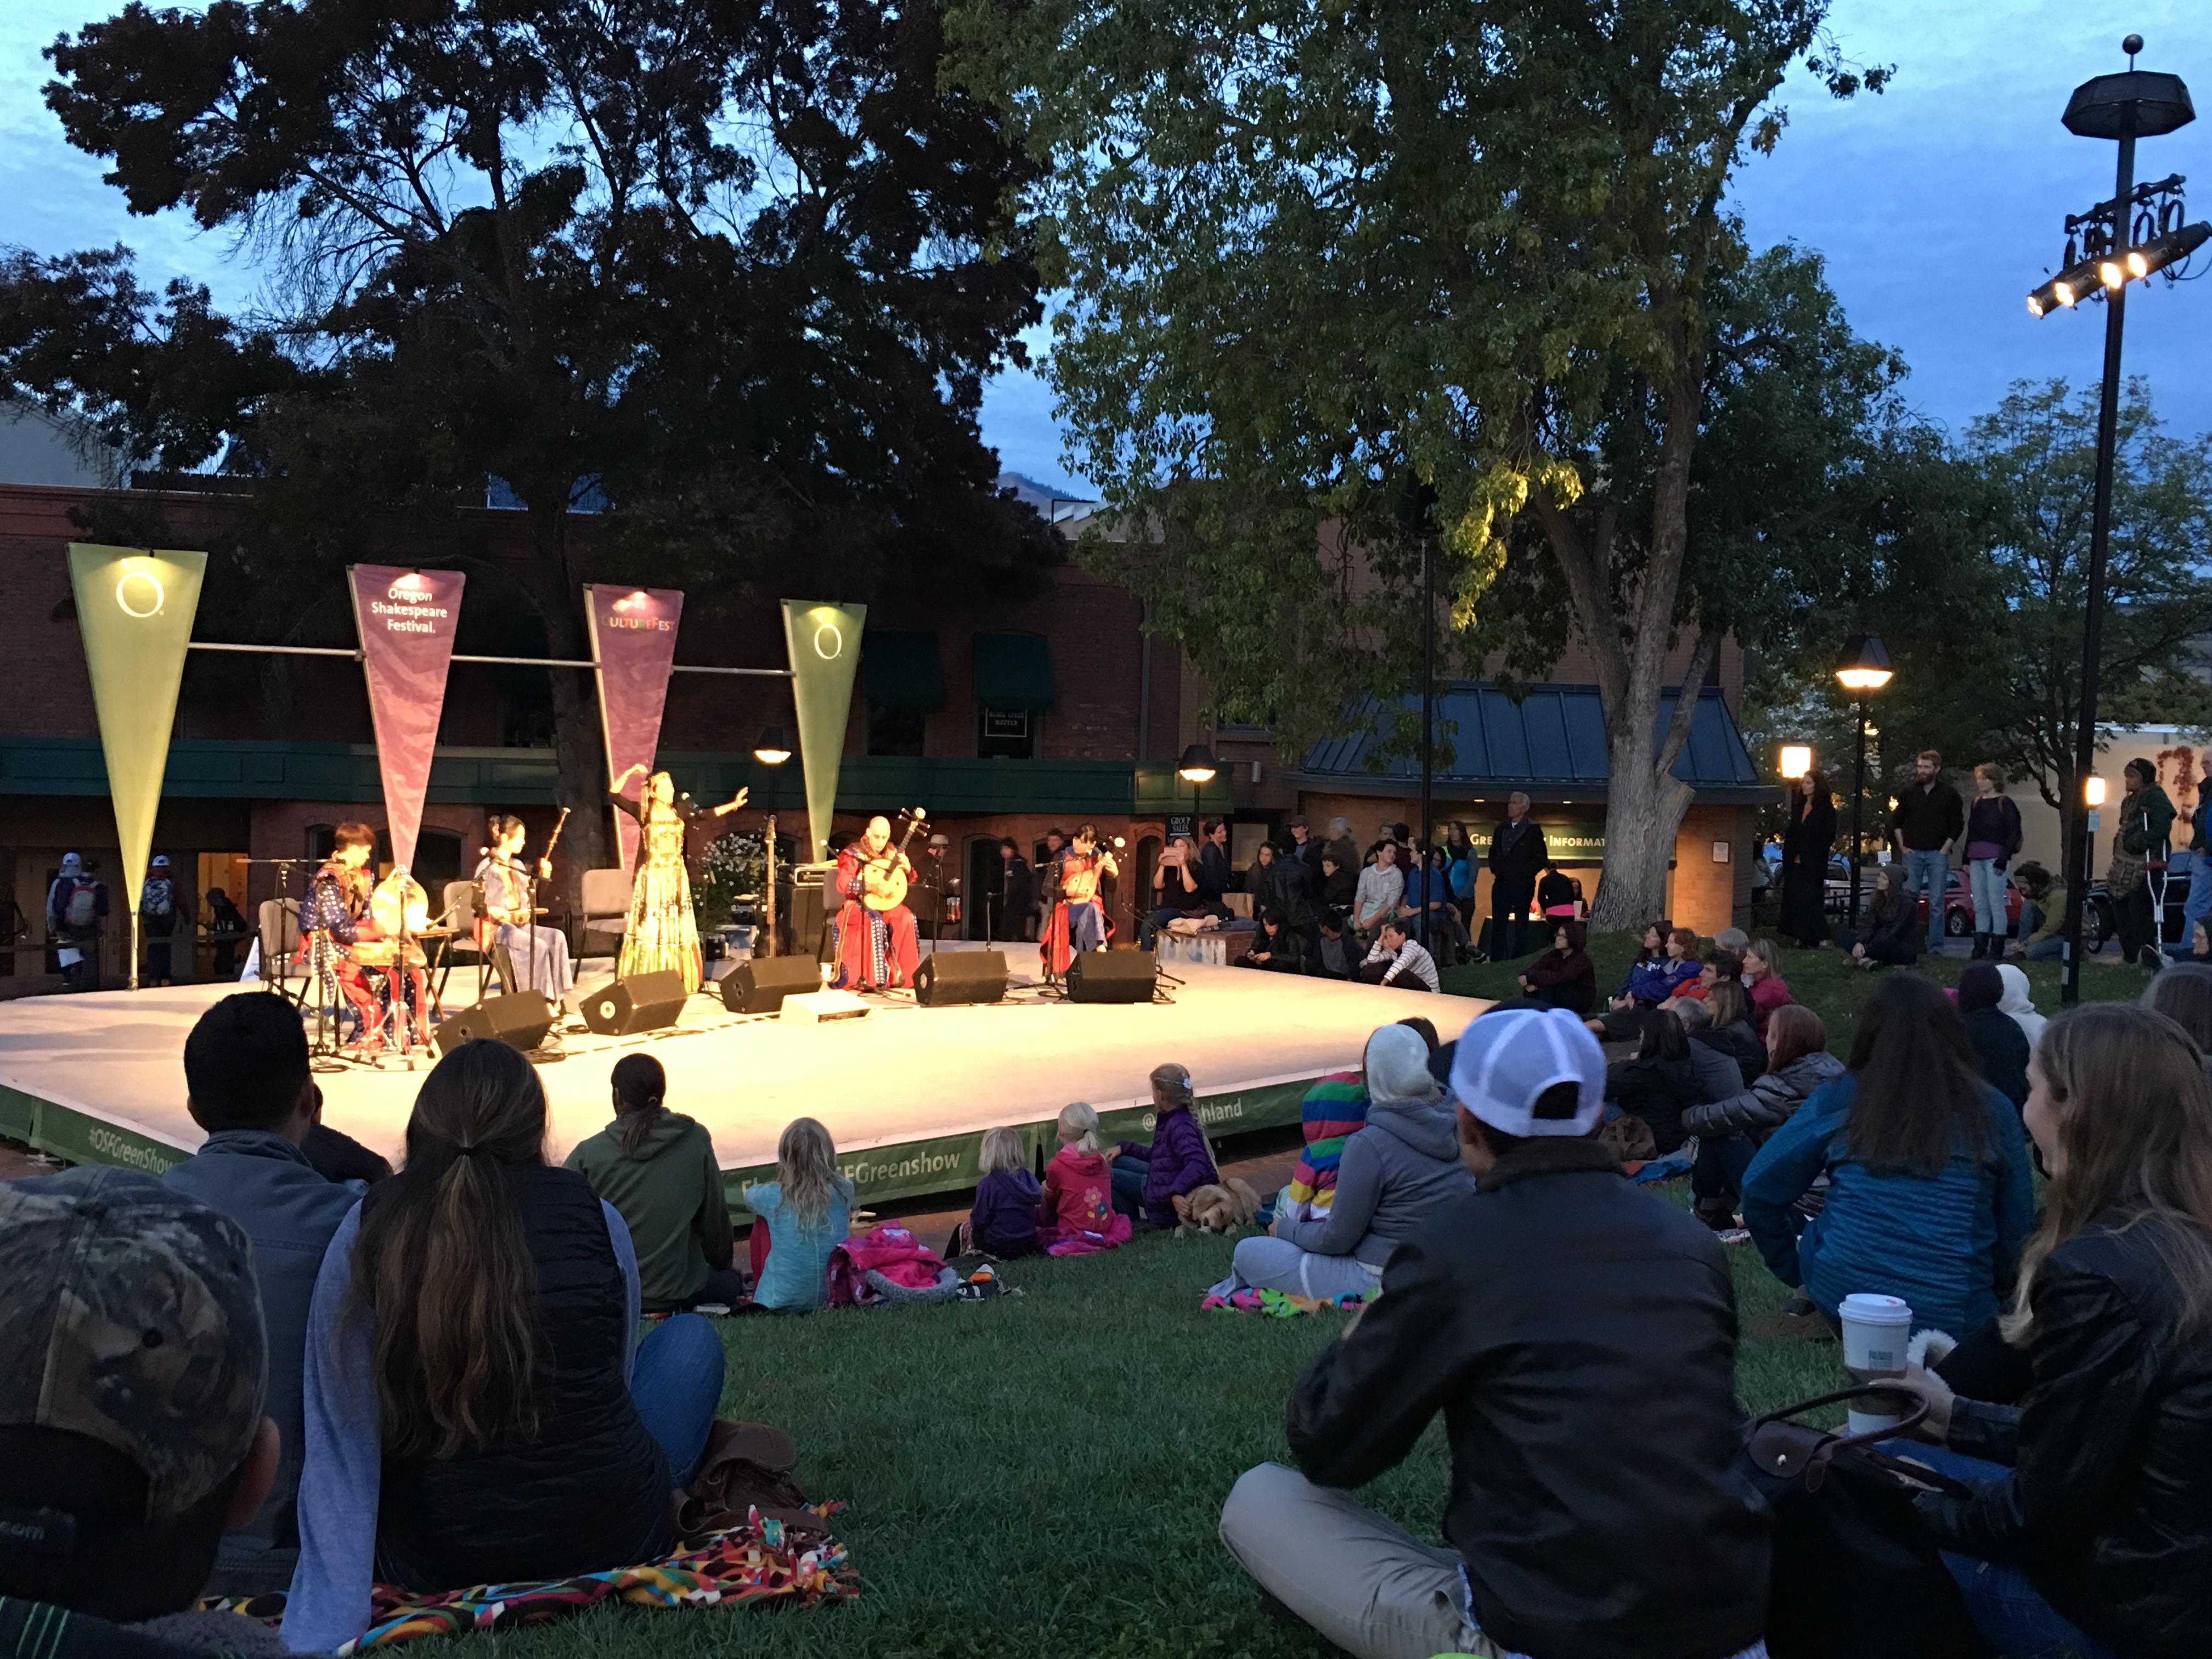 美國 奧勒岡莎士比亞戲劇節 戶外演出